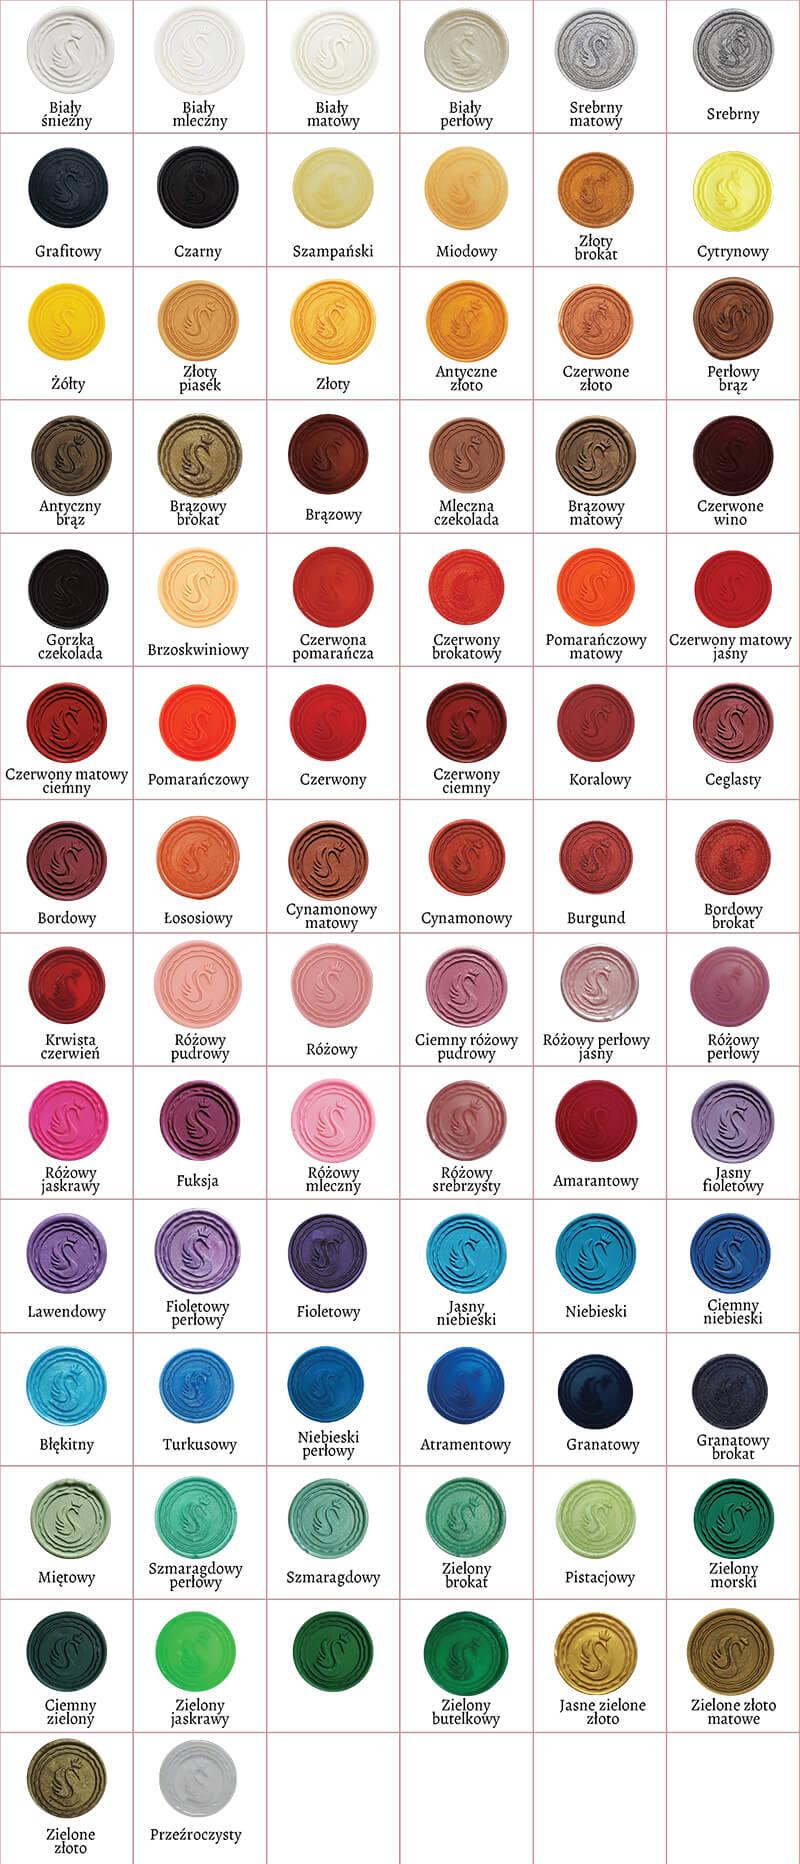 Elastyczny-lak-do-pieczęci-zestawienie-kolorów (1) poprawione